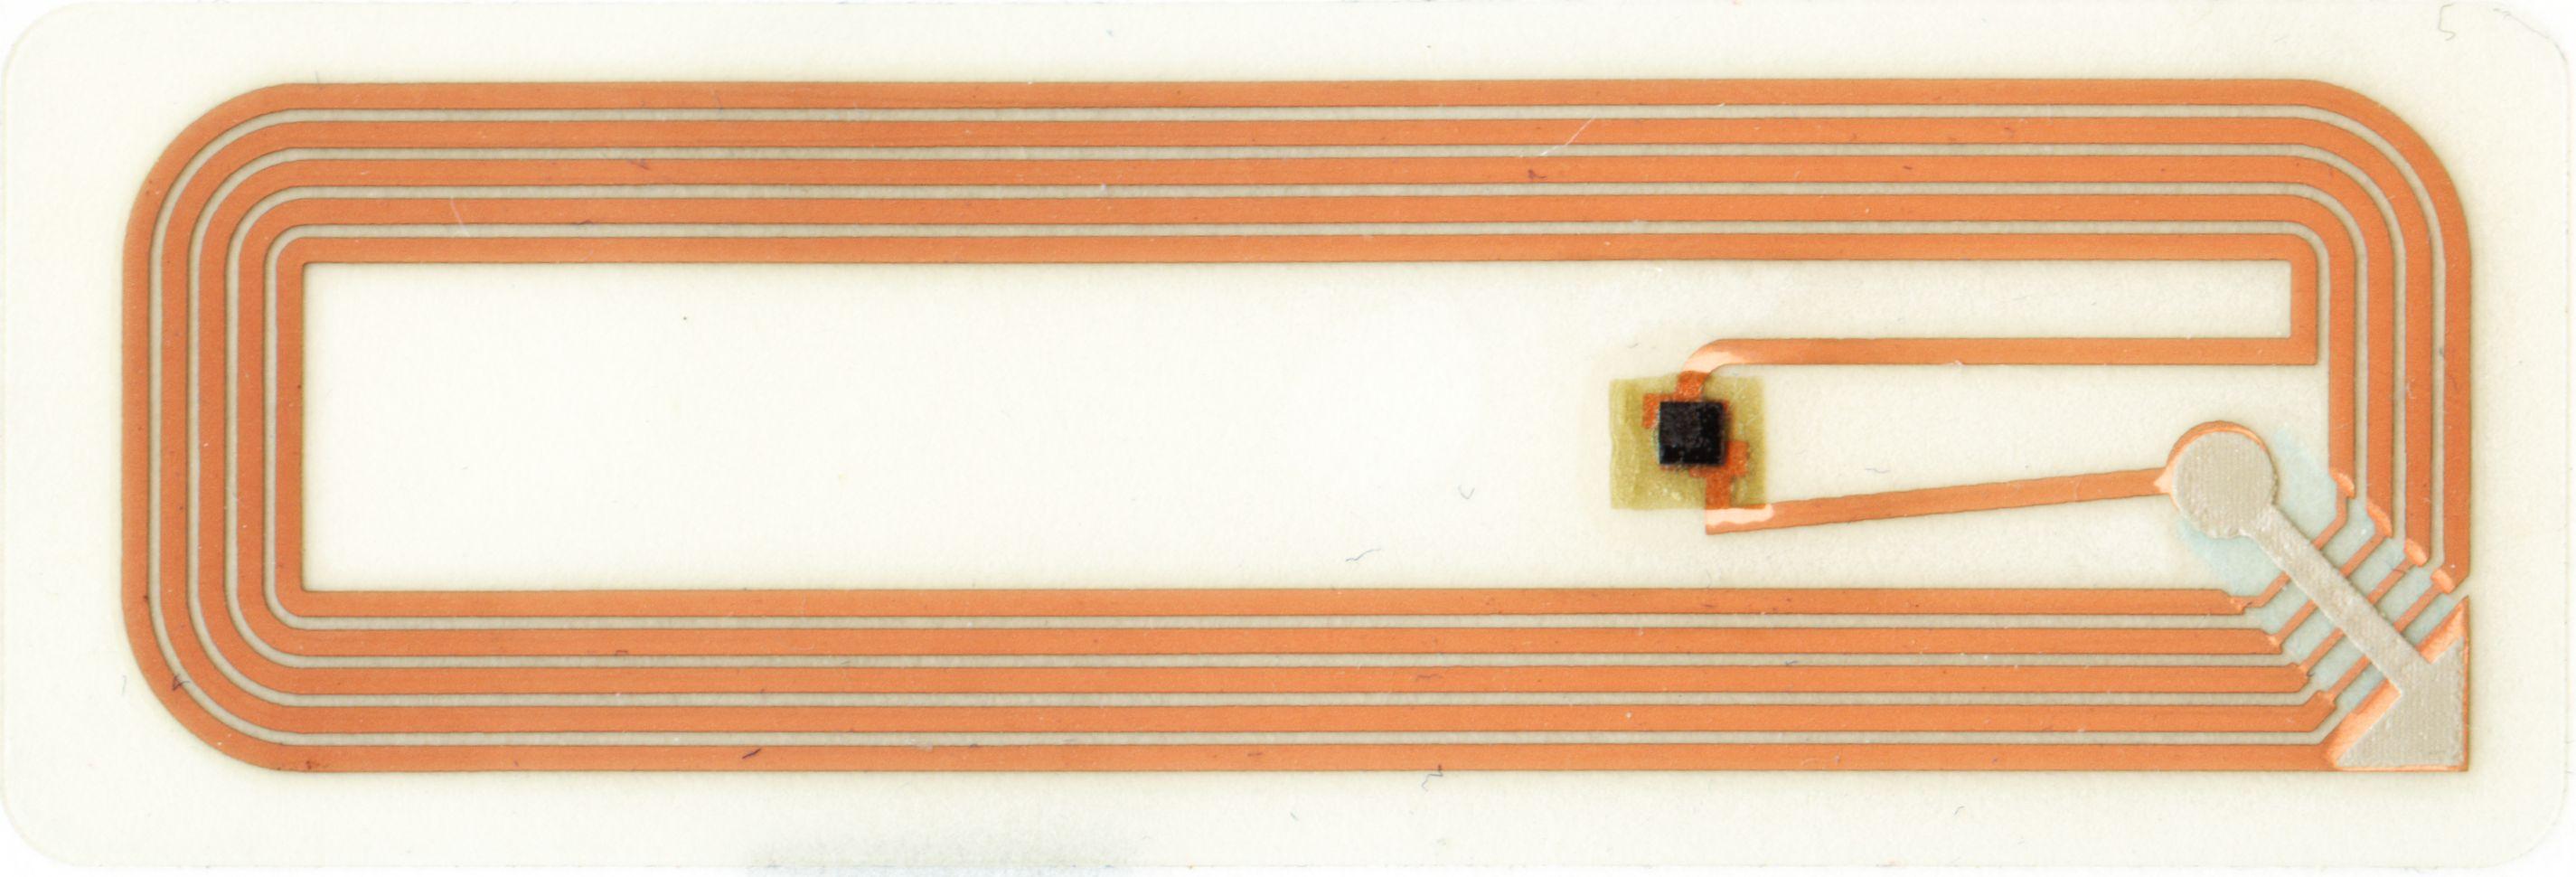 Quelle:wikipedia; 13,56 MHz Transponder; technische Sicht auf das Smartlabel